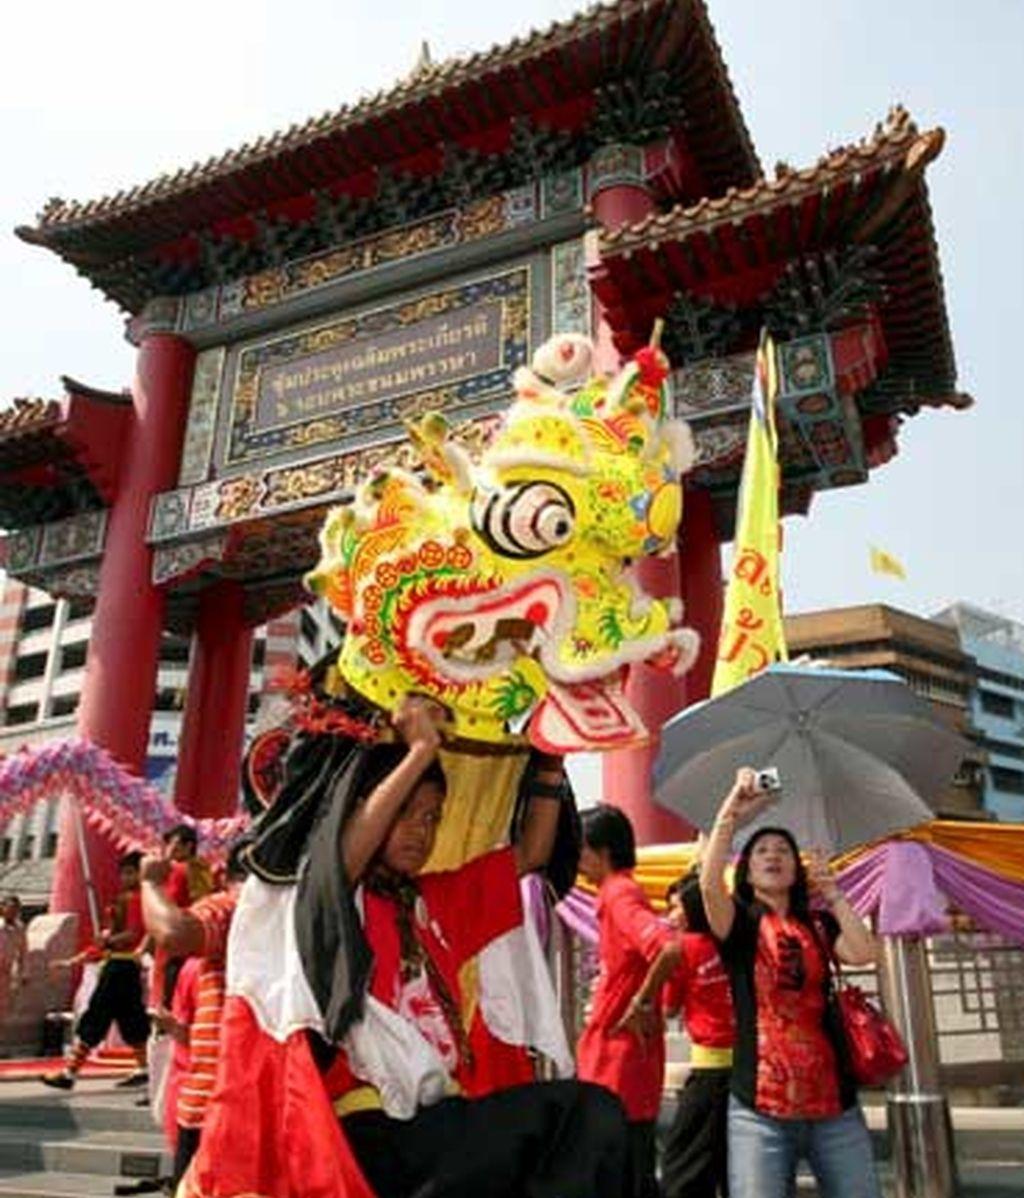 Millones de asiáticos celebraron la llegada del Año del Buey con fiestas, cenas, bailes y compras. En la imagen, un grupo de tailandeses la danza del león en el barrio chino durante el primer día del Año Nuevo chino, en Bangkok.foto:EFE